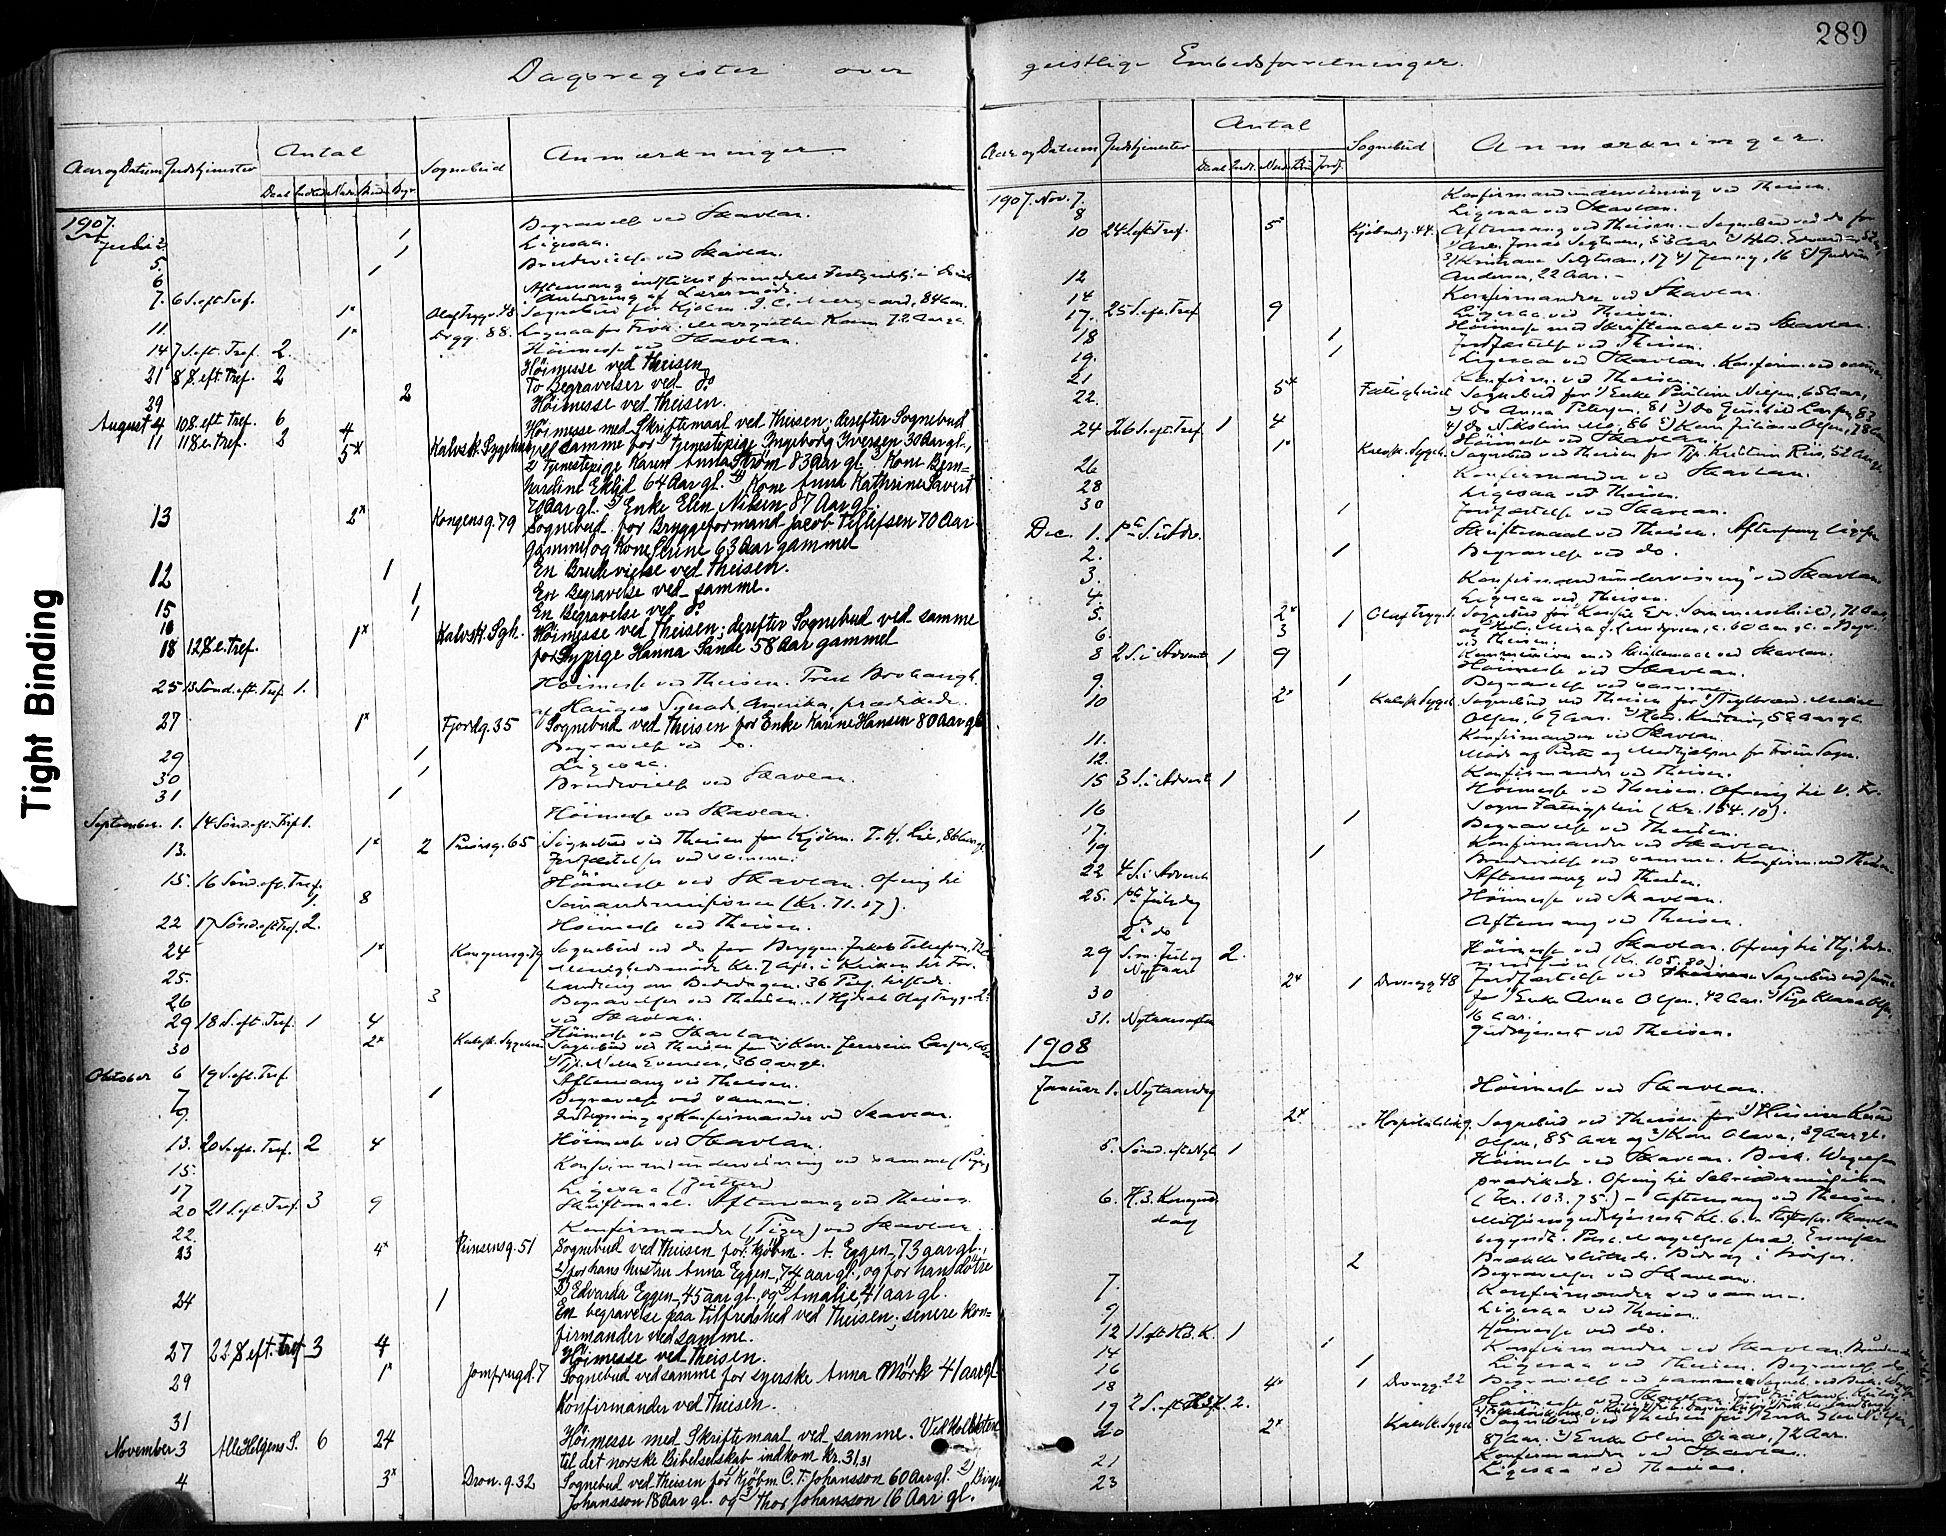 SAT, Ministerialprotokoller, klokkerbøker og fødselsregistre - Sør-Trøndelag, 602/L0120: Ministerialbok nr. 602A18, 1880-1913, s. 289